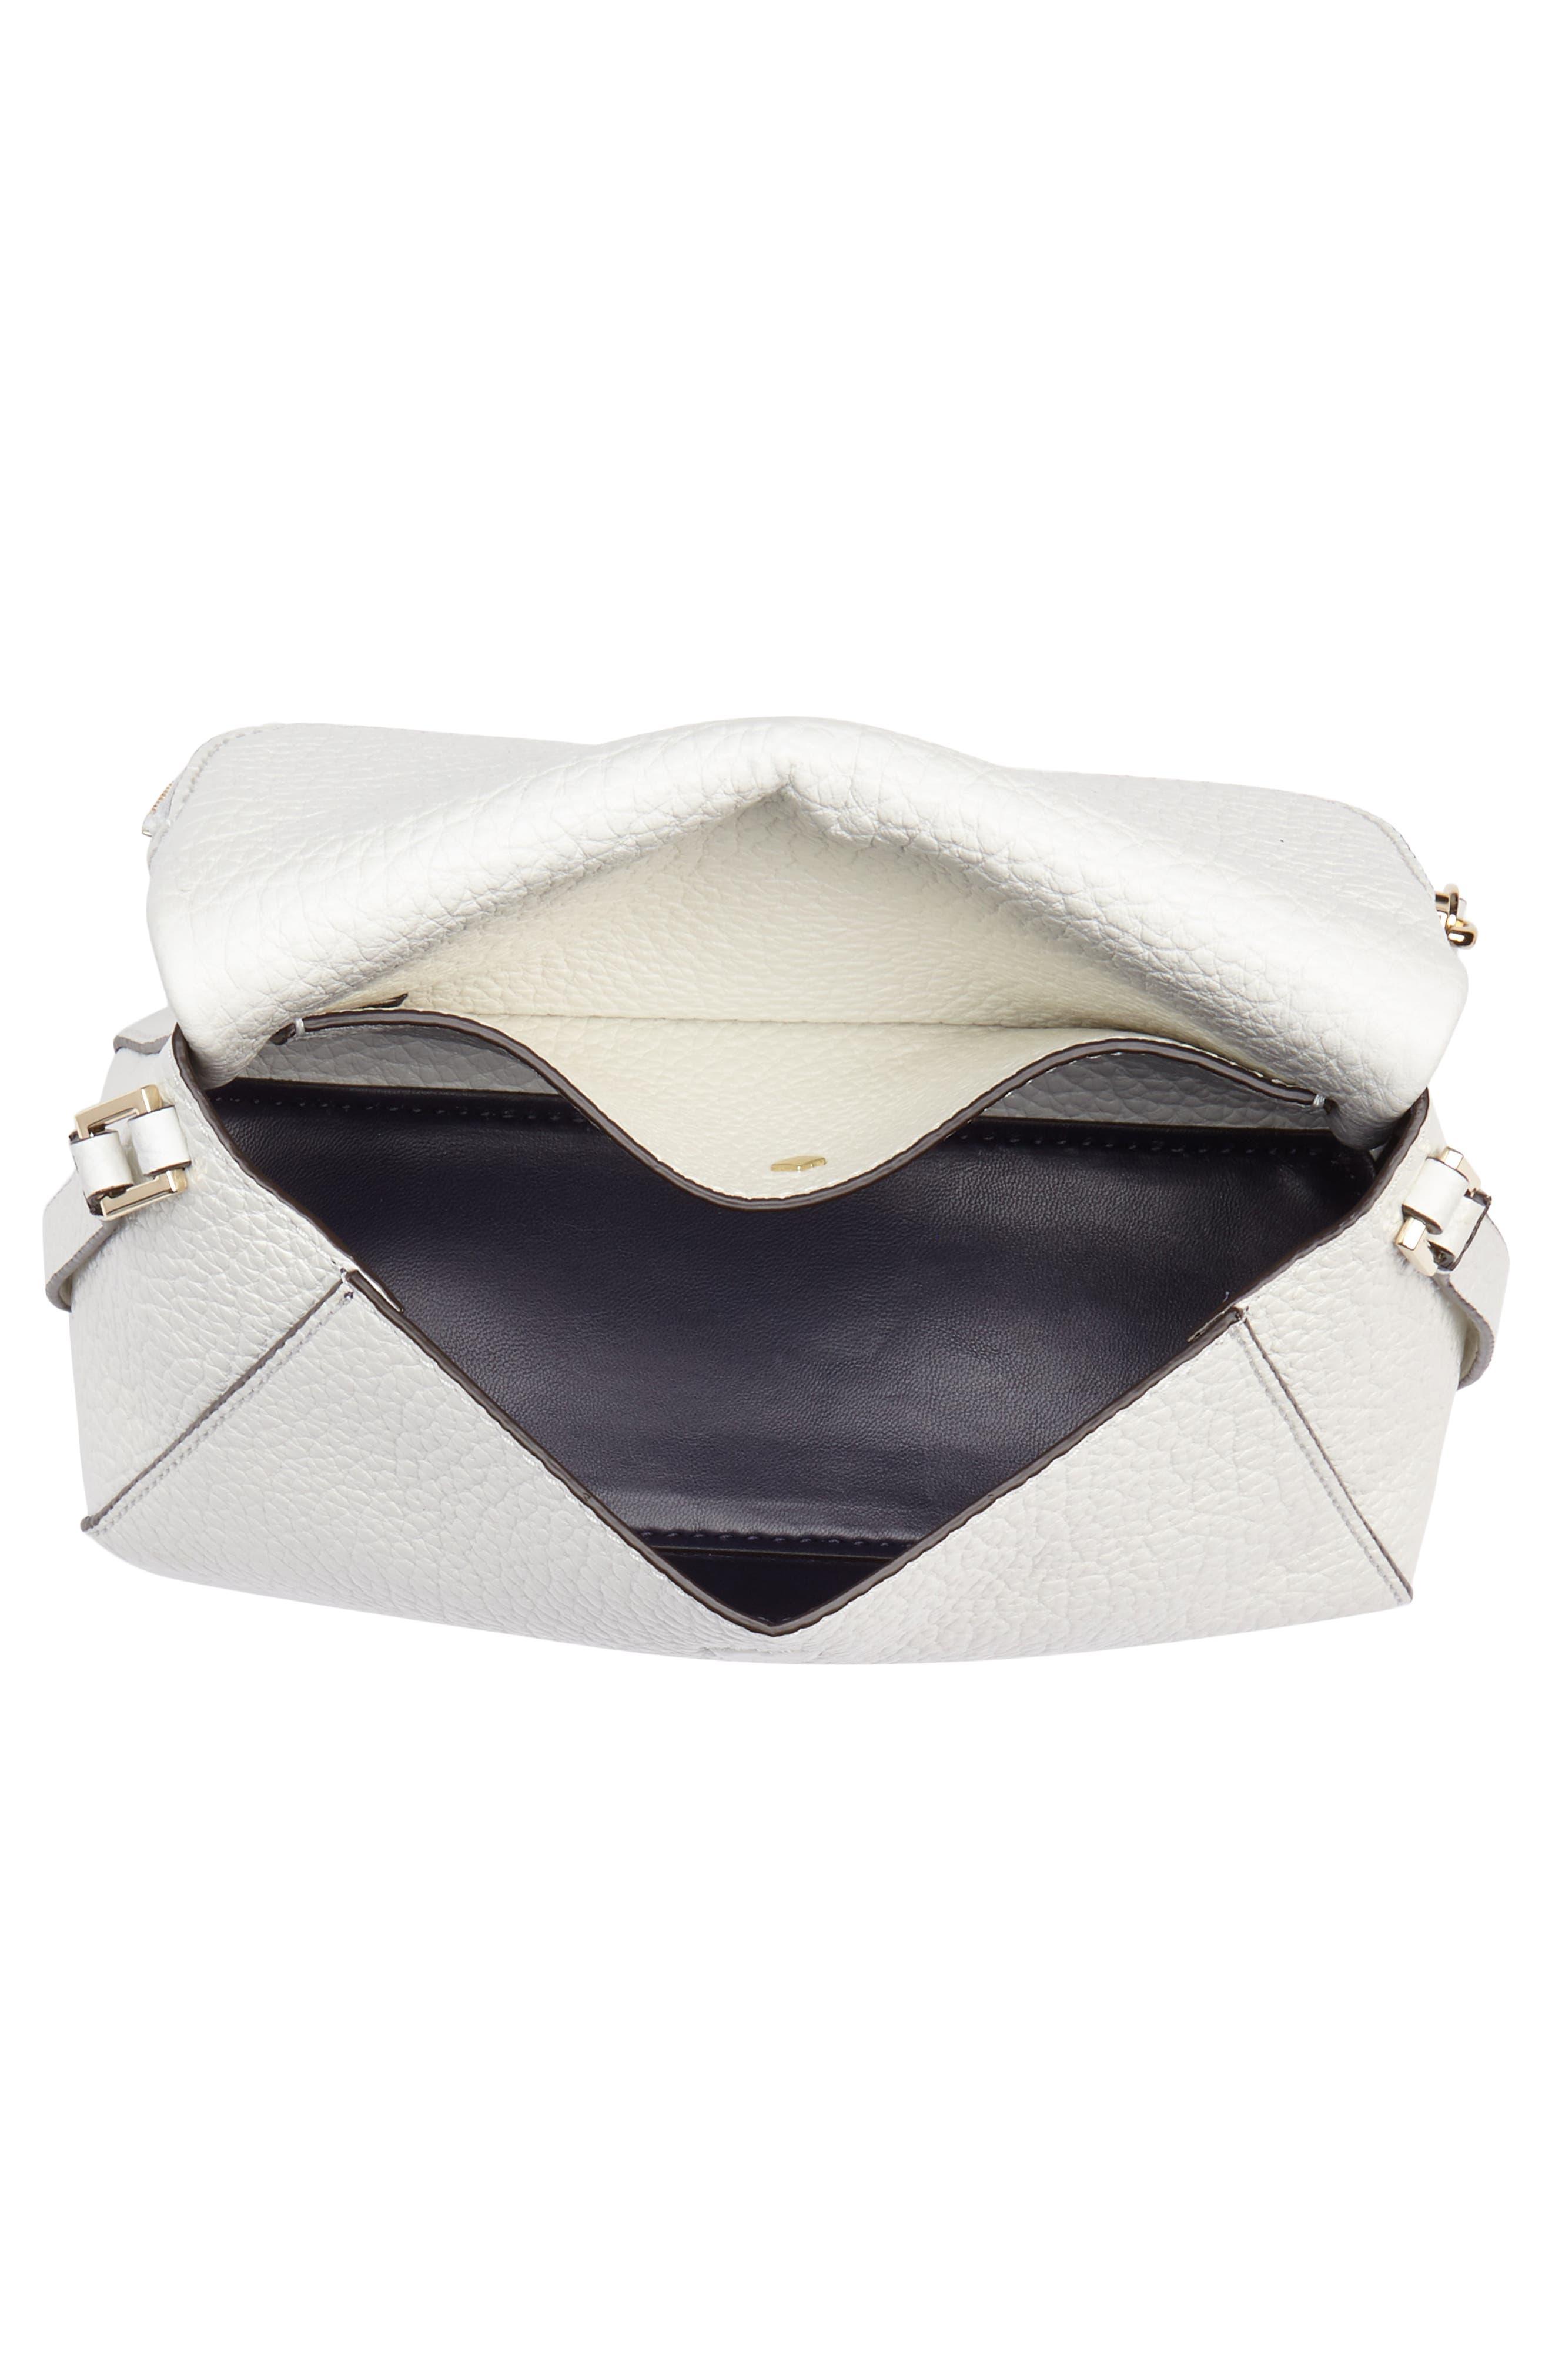 carter street - berrin leather crossbody bag,                             Alternate thumbnail 4, color,                             100